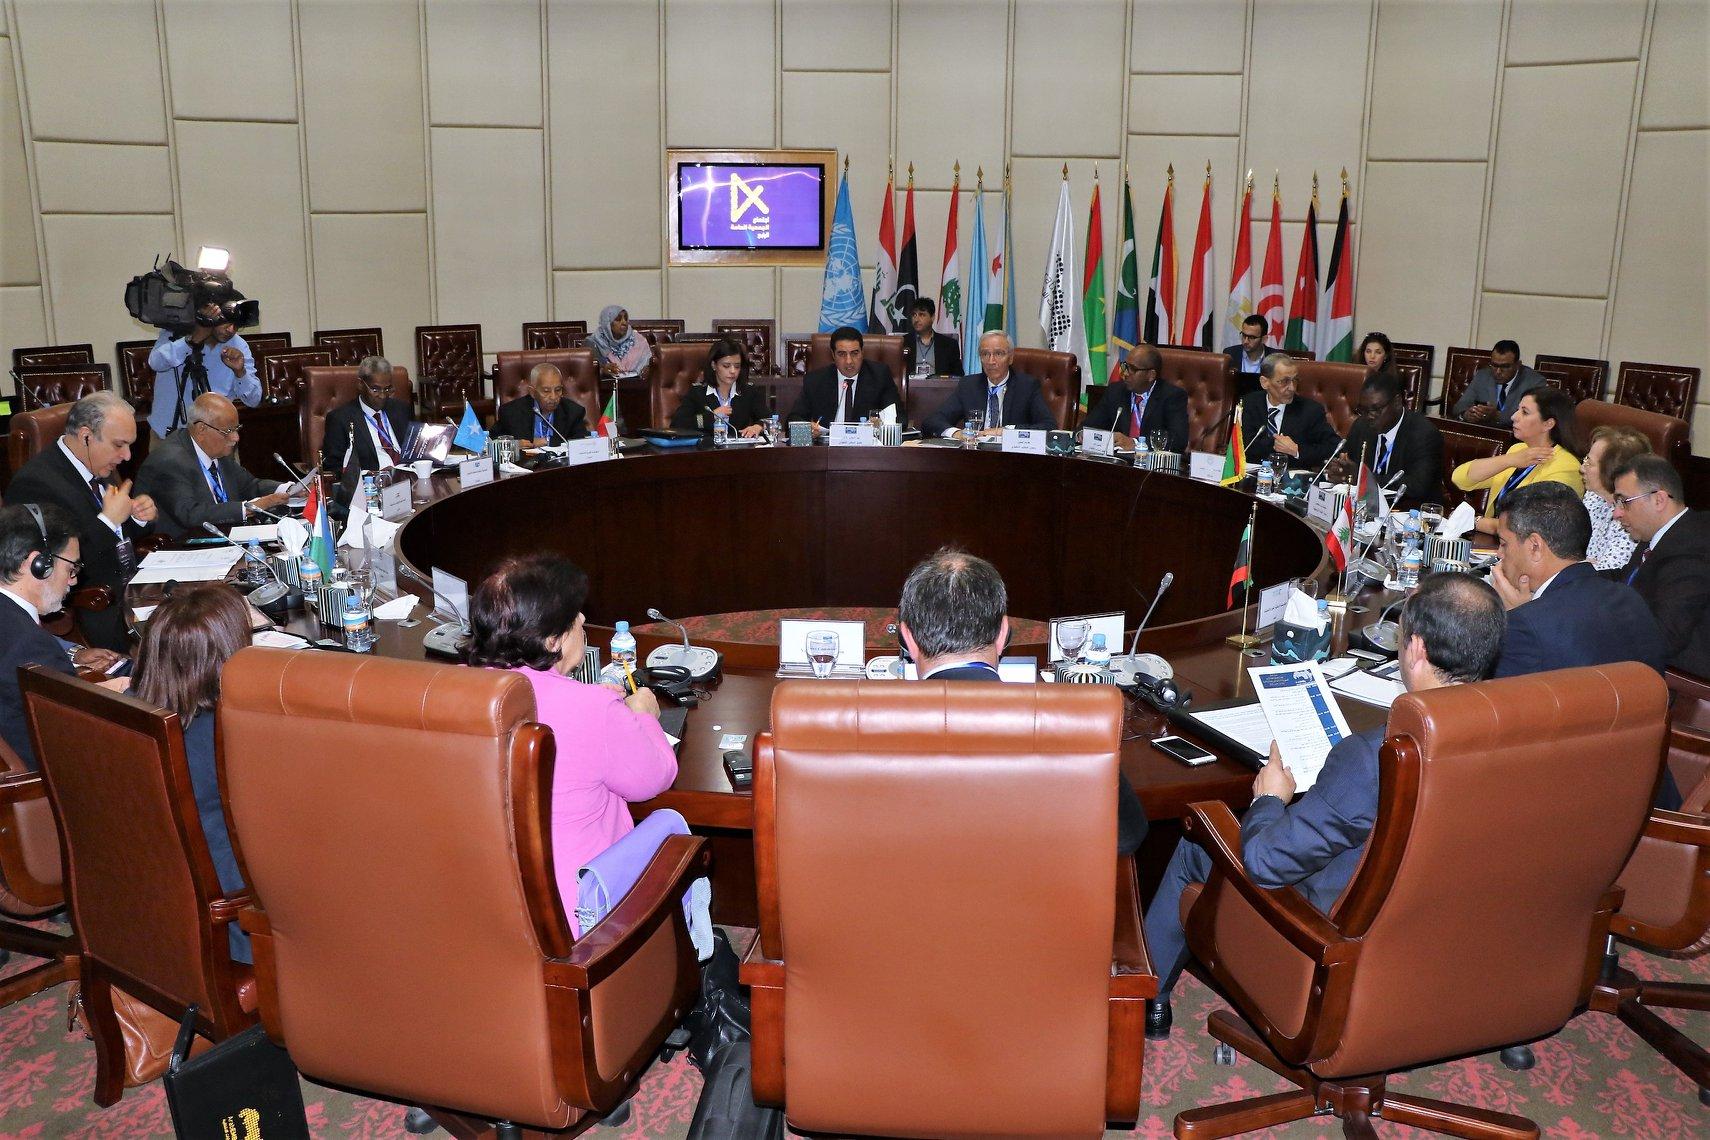 المفوضية الوطنية العليا للانتخابات تشارك في اجتماع الجمعية العمومية الرابع للمنظمة العربية للإدارات الانتخابية في نواكشوط